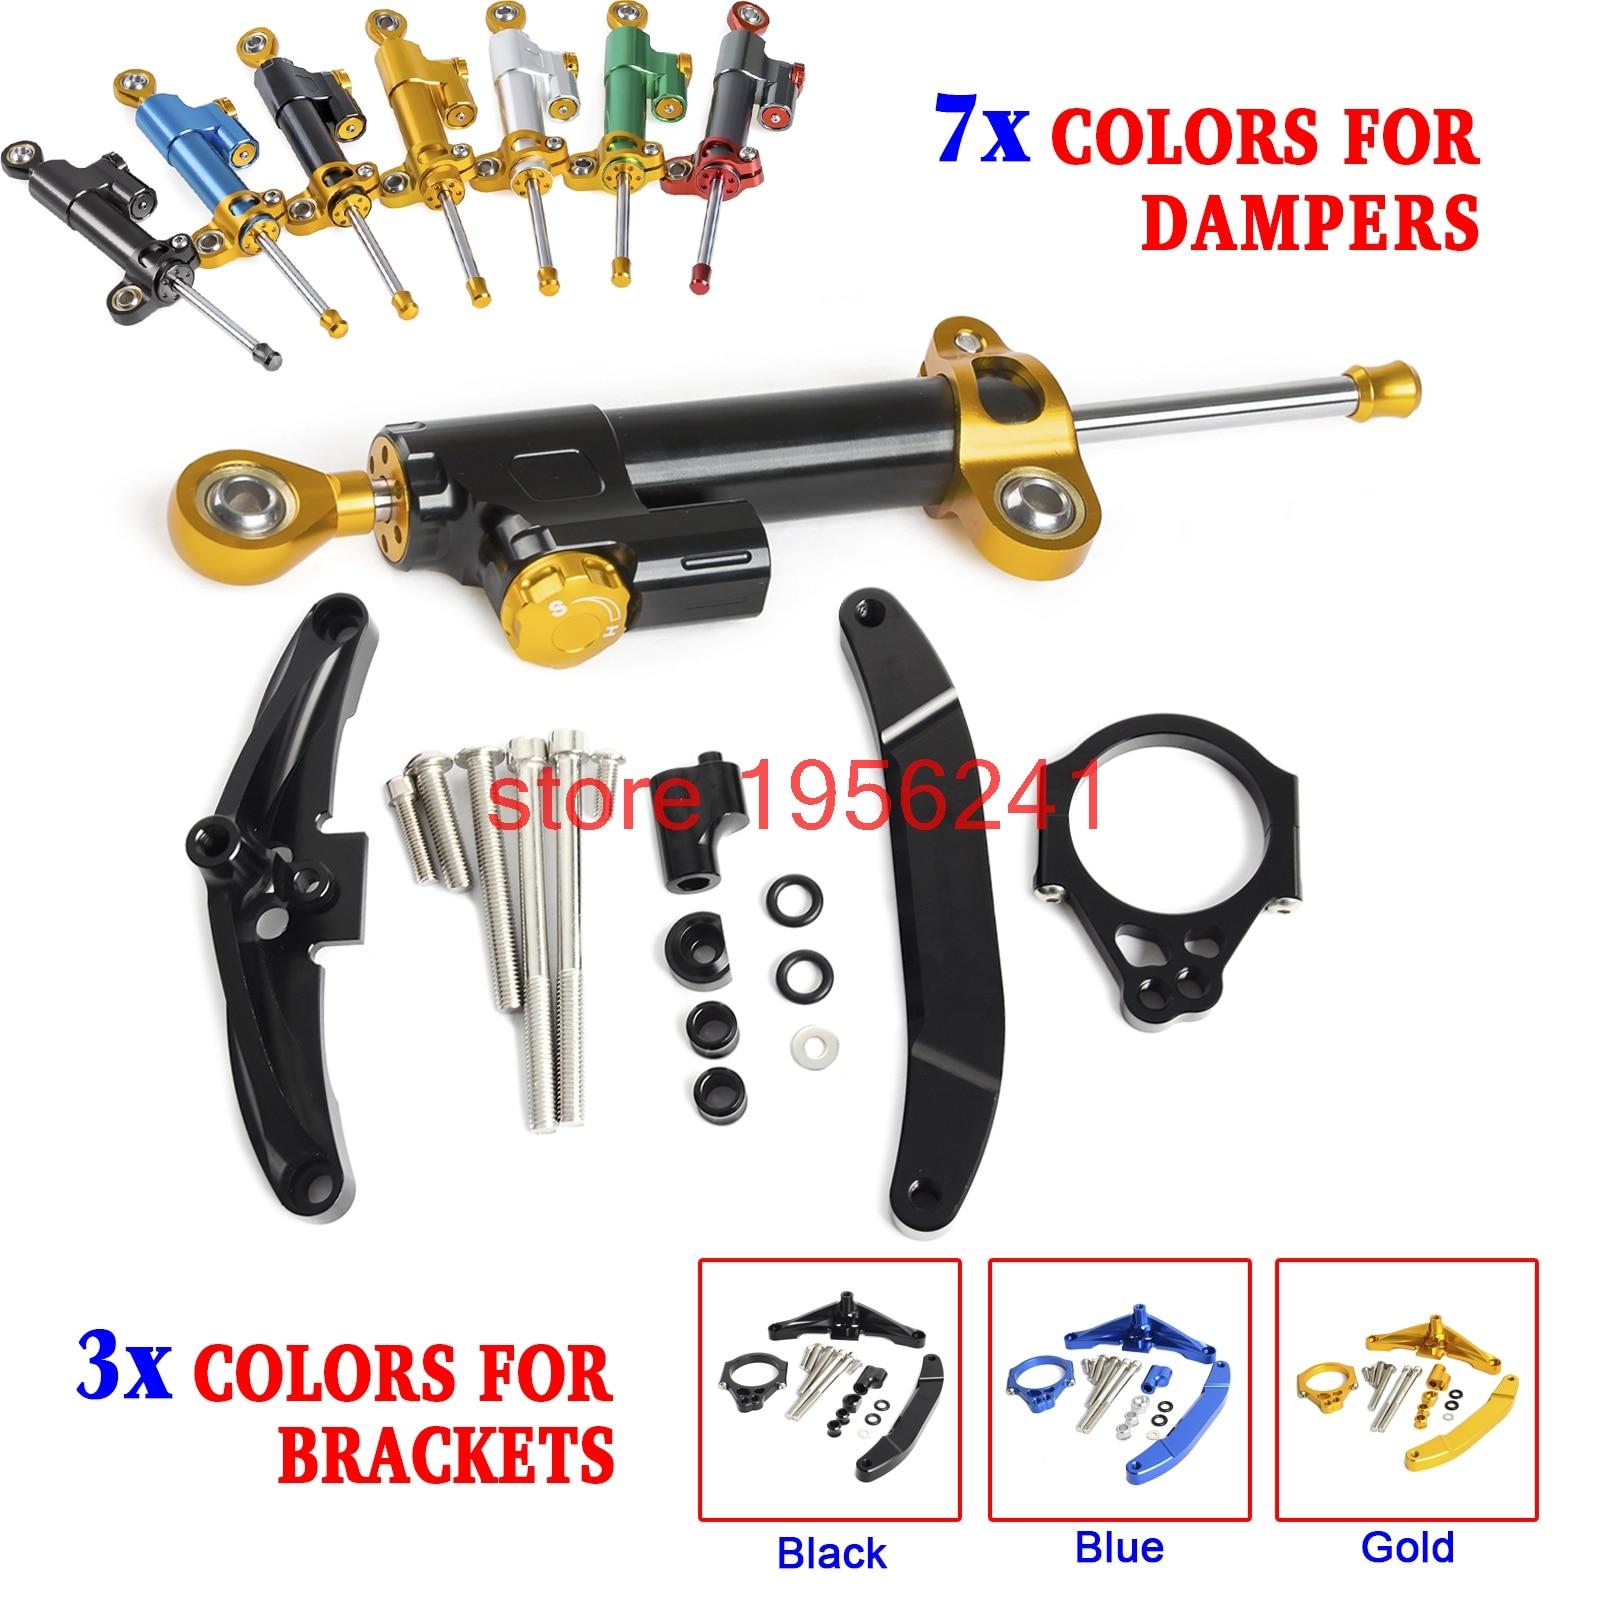 Motorcycle Steering Damper Mounting Bracket Kit for Yamaha FZ1 Fazer 2006 2015 2007 2008 2009 2010